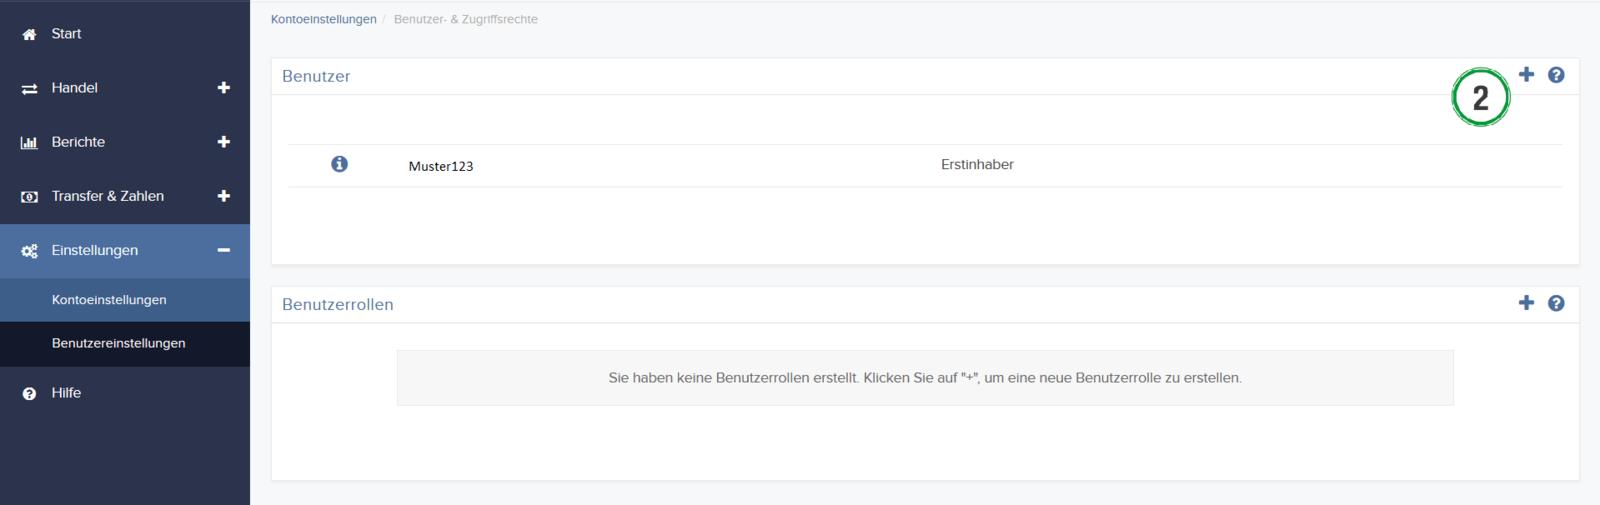 LYNX-Online-Handbuch-Kontoverwaltung-zweiter-zugang-gemeinschaftsdepot-2